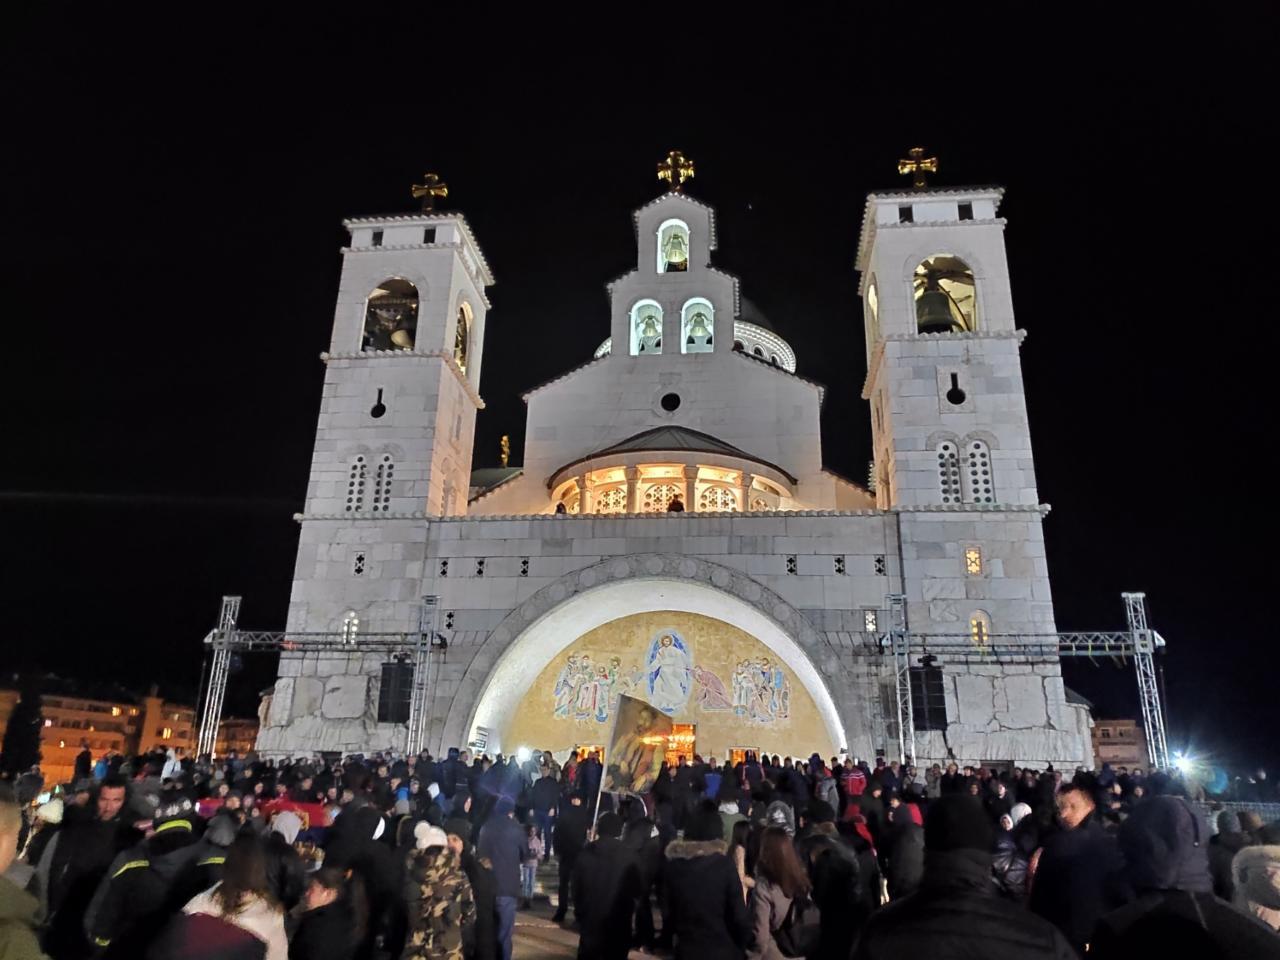 Ulični antidržavni pohod maskiran u litije, uz podršku Srbije i Moskve